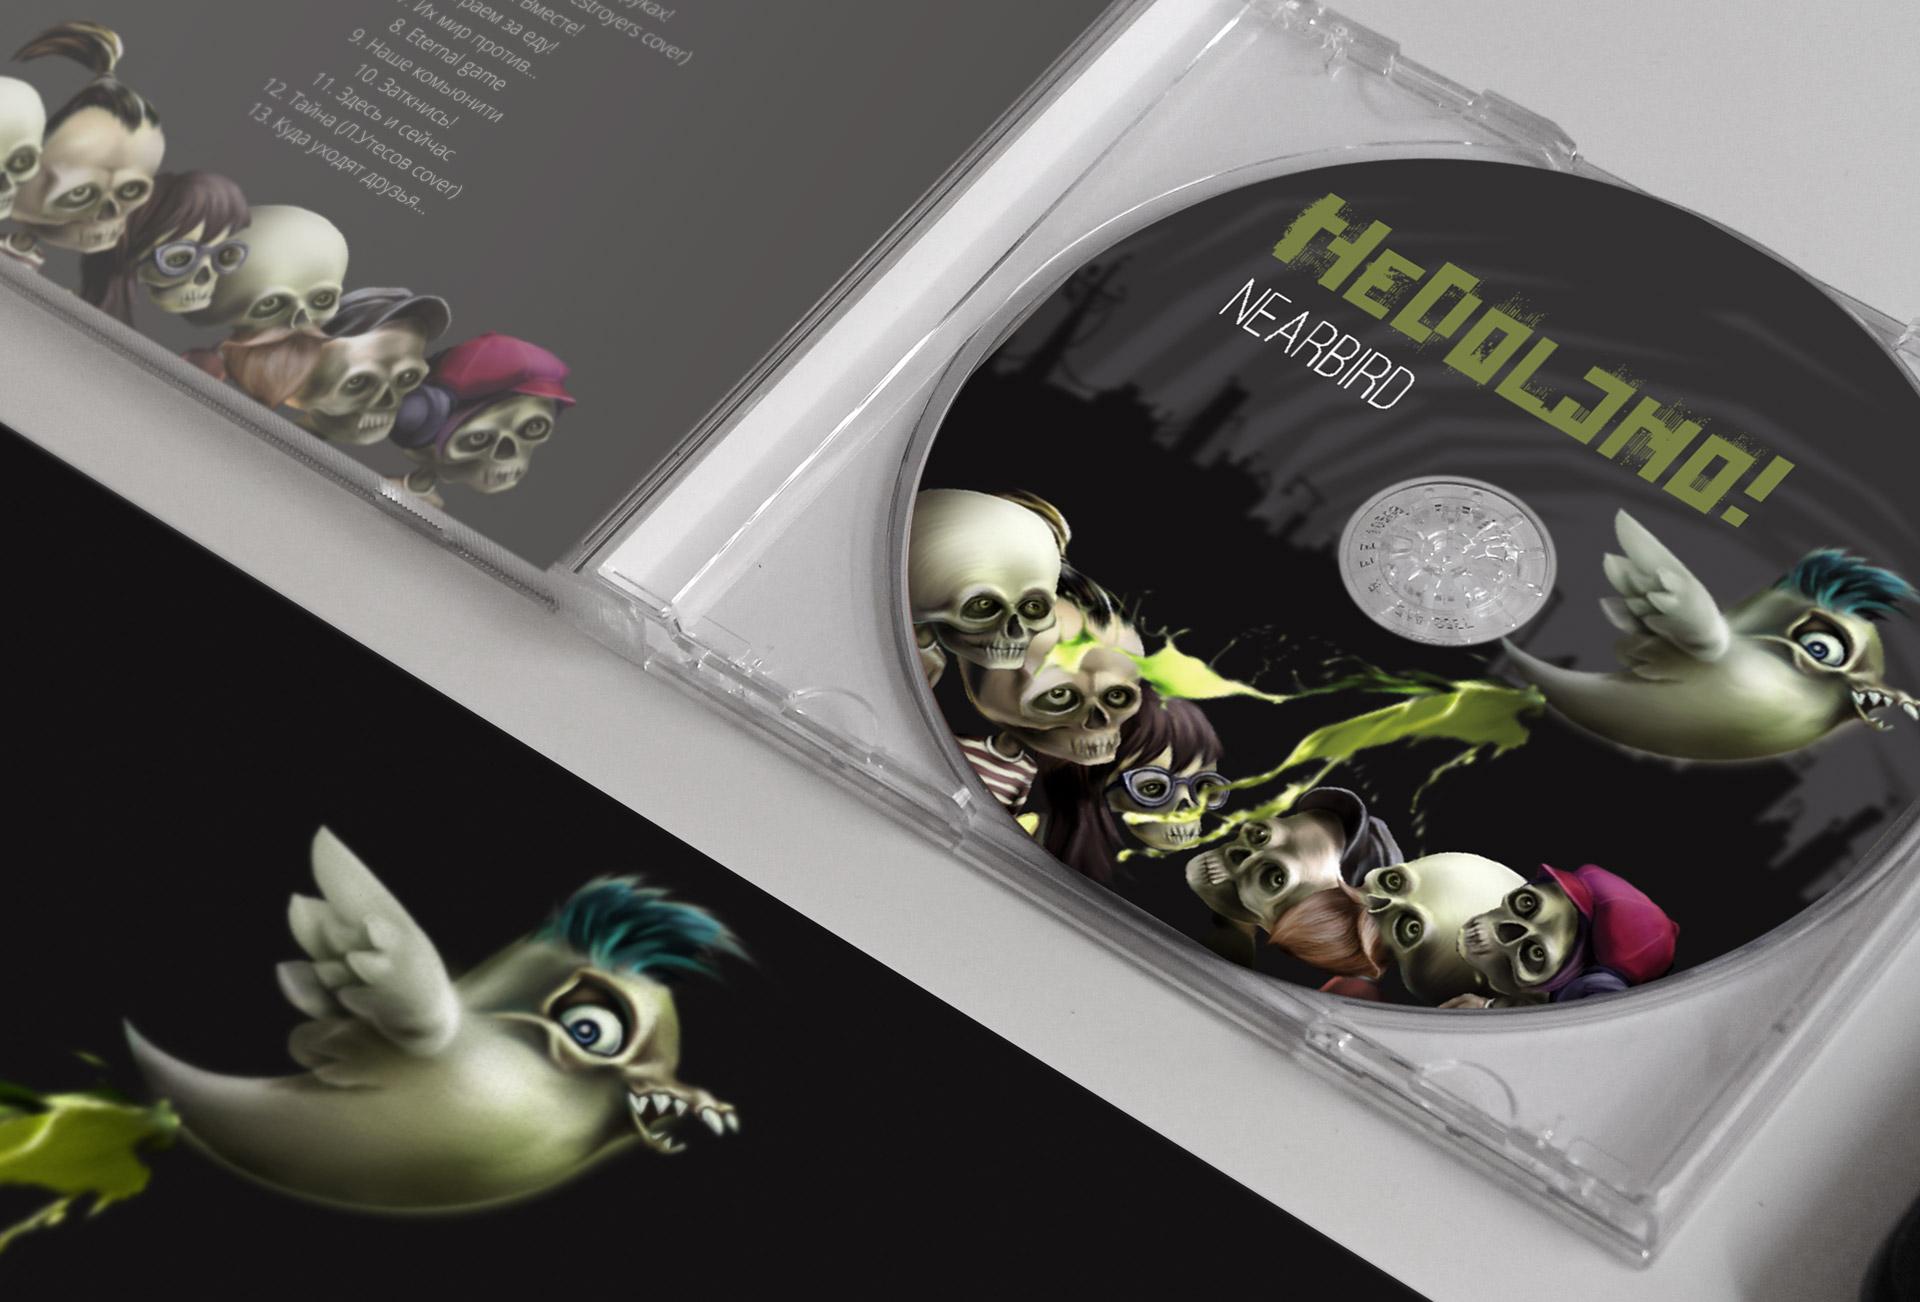 Разработка-дизайна-компакт-диска-НеДолжно